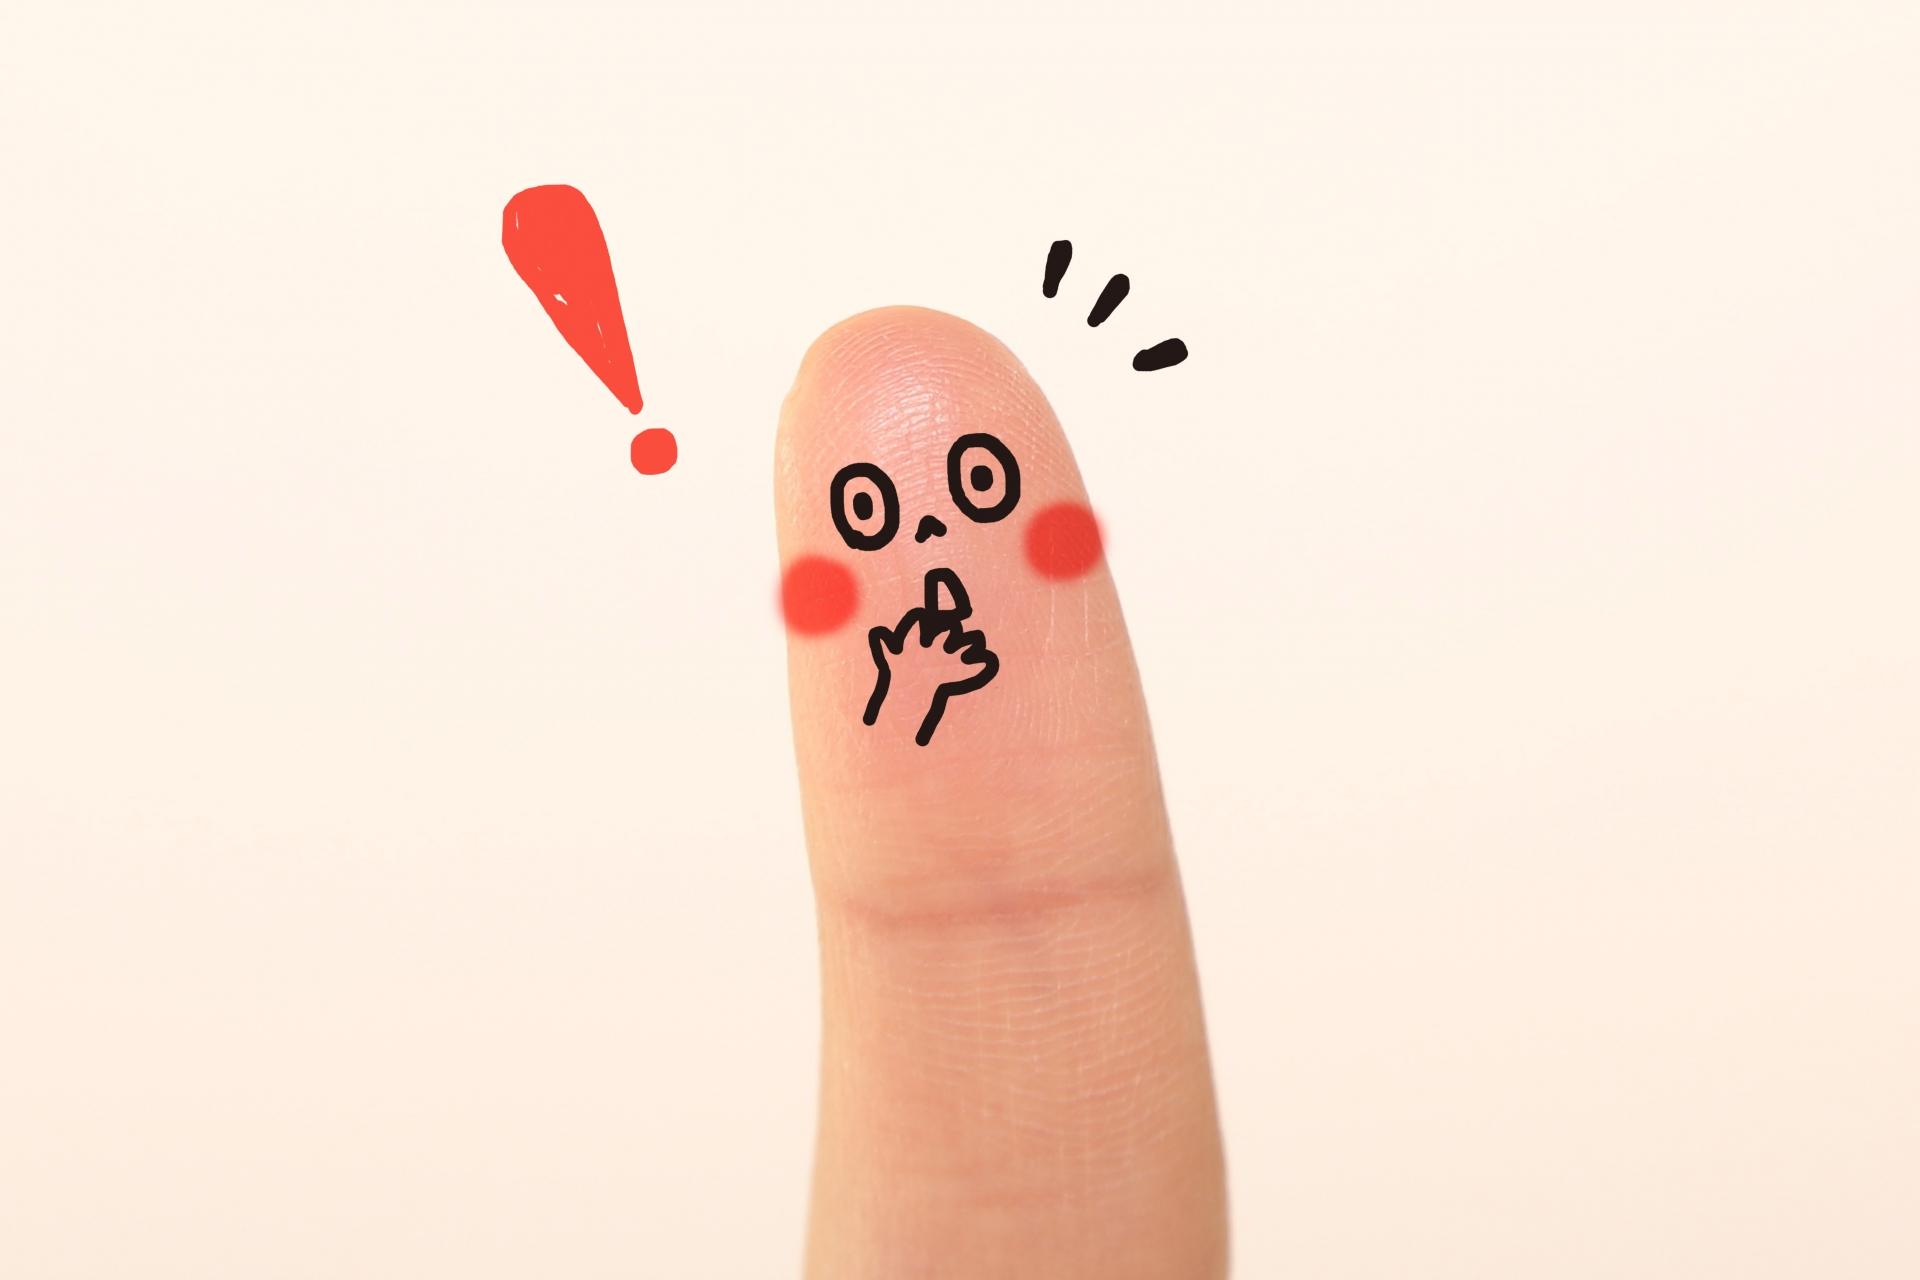 d84489d915ccb663f95600f7e2a4724f m 経皮毒は最初に皮膚に現れる?日用品を見直そう